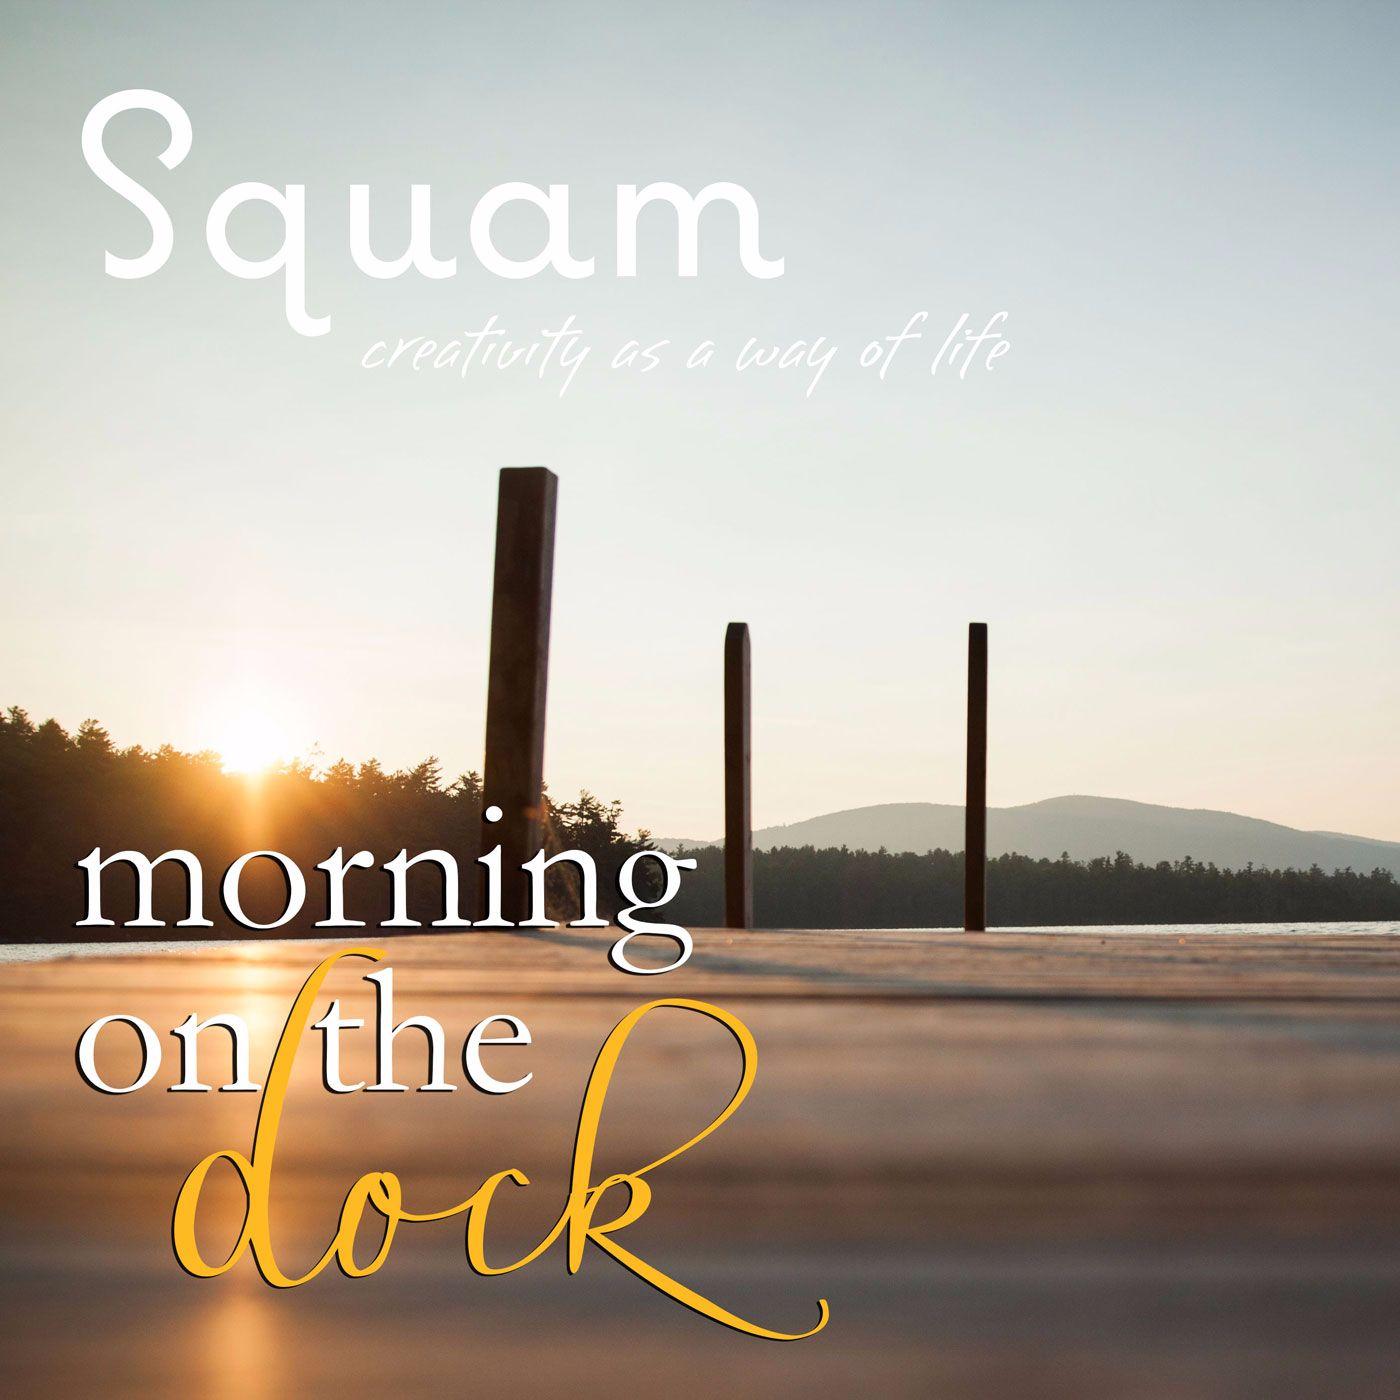 Squam